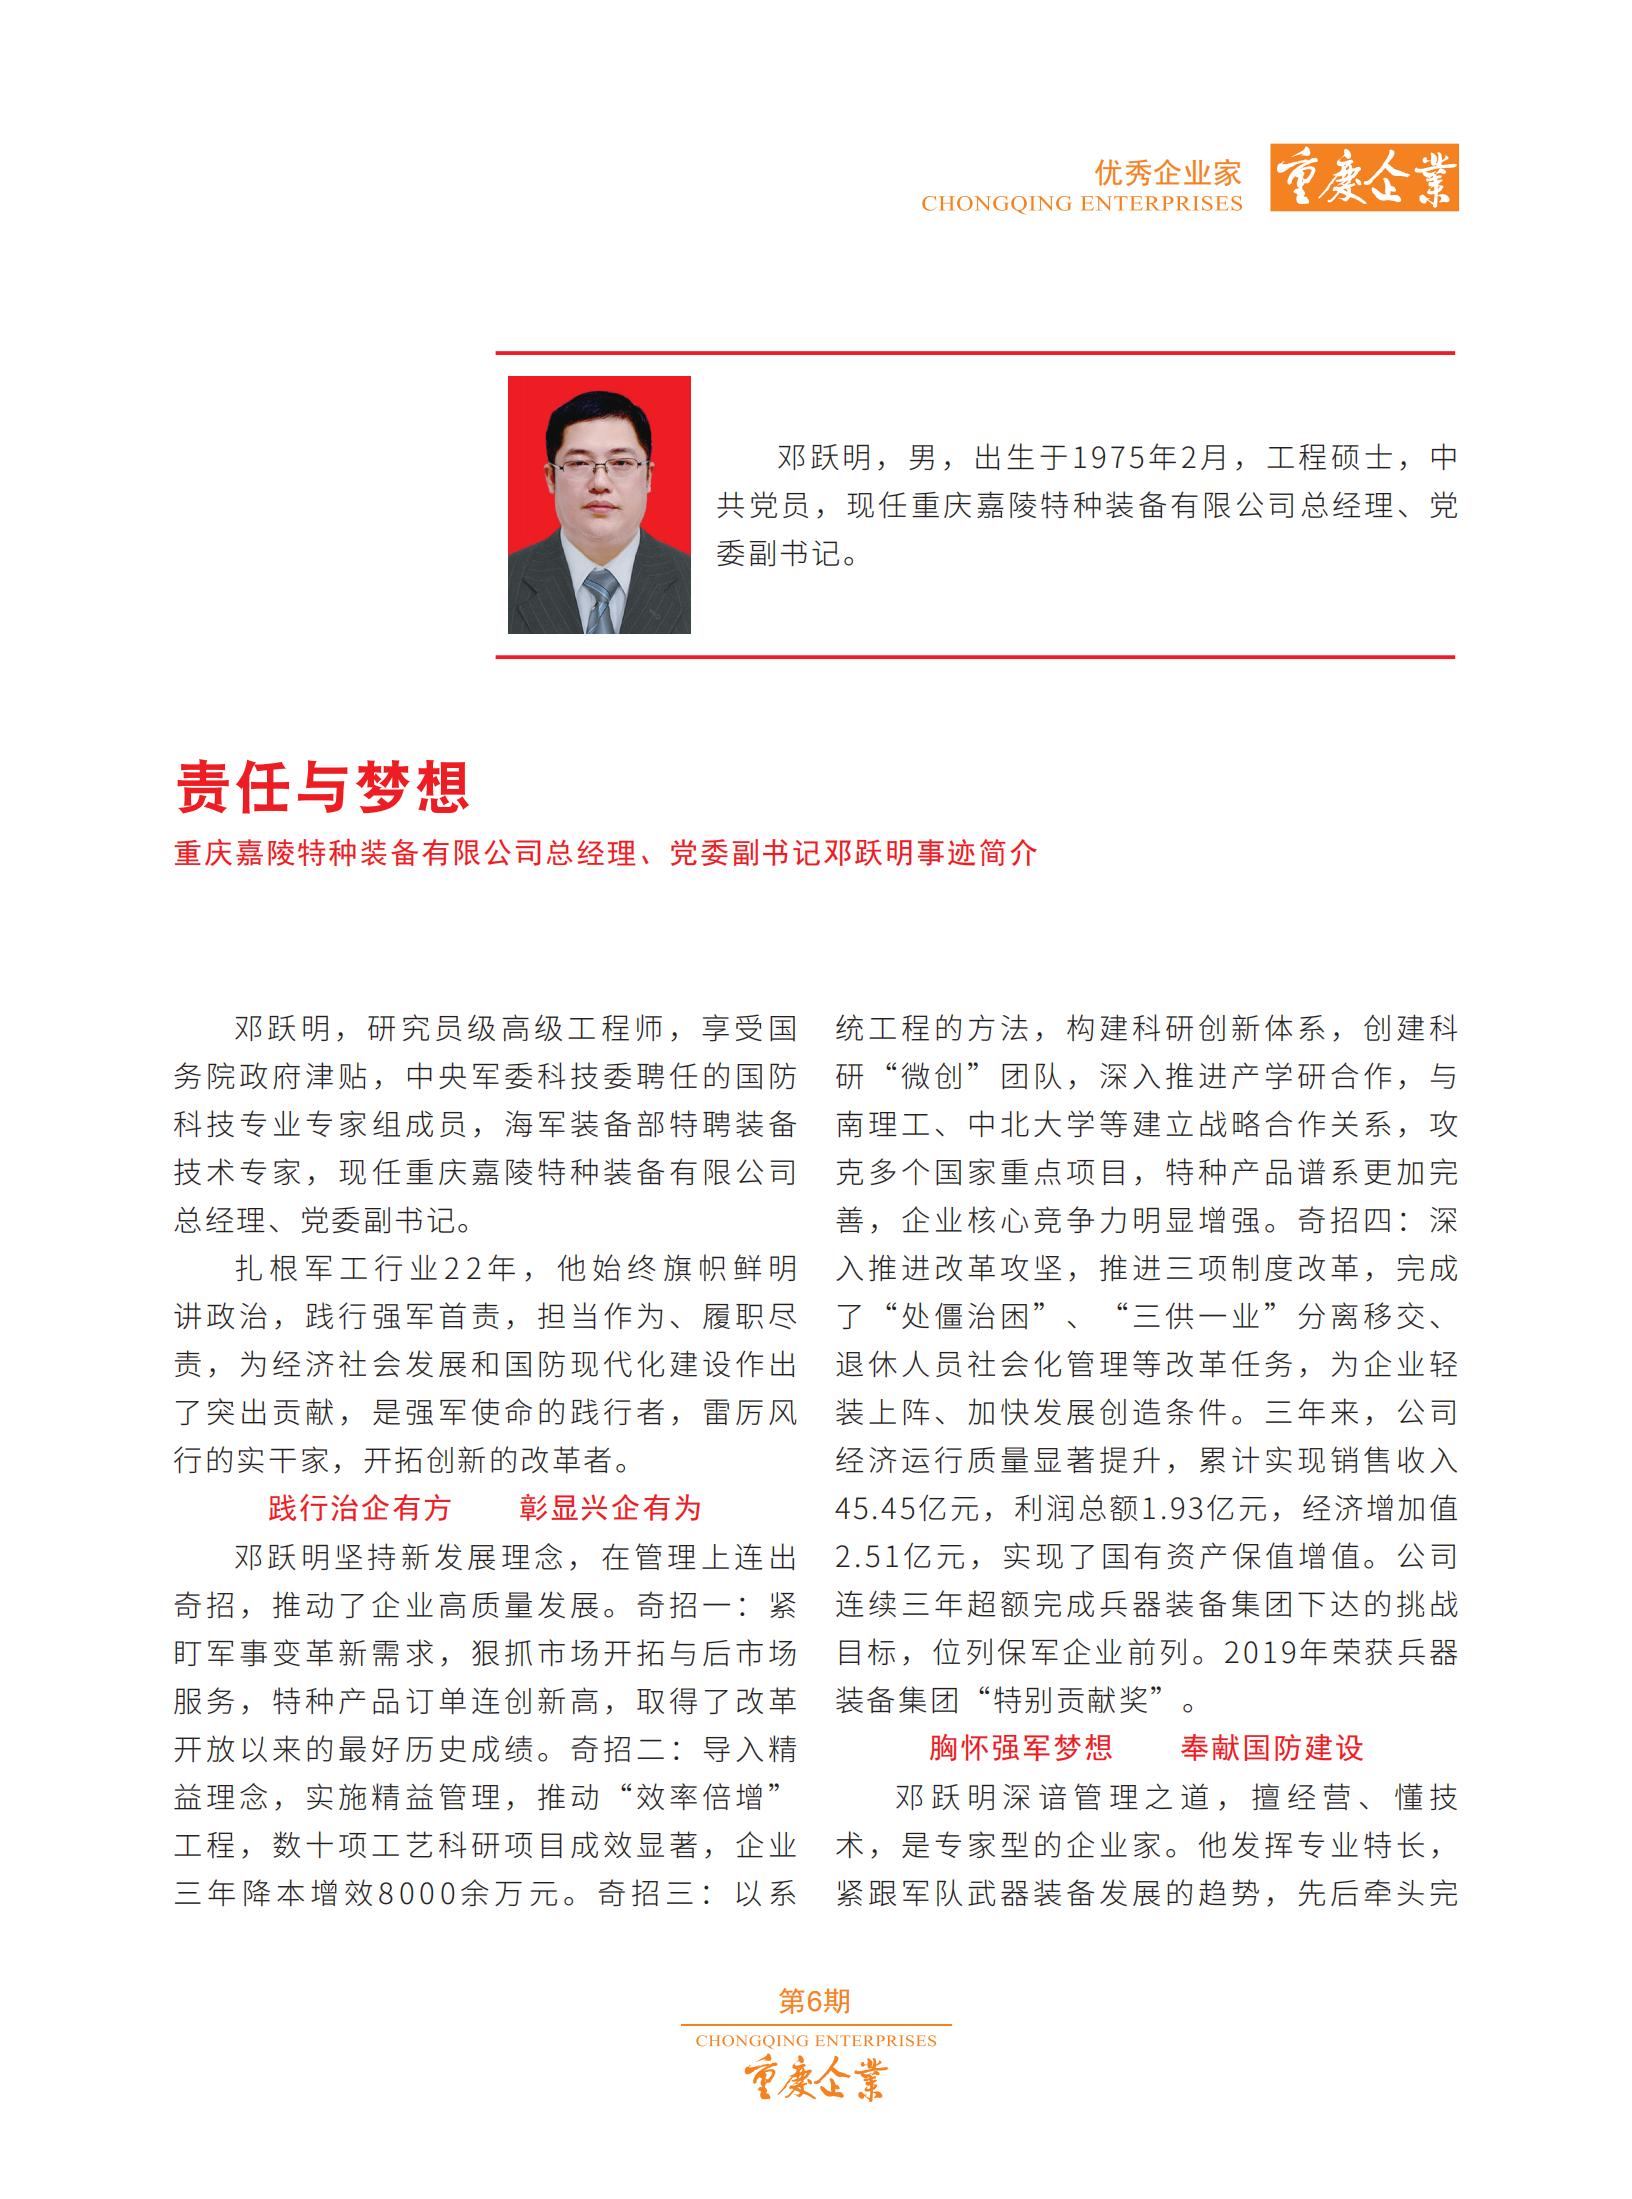 鄧躍明 (1).png